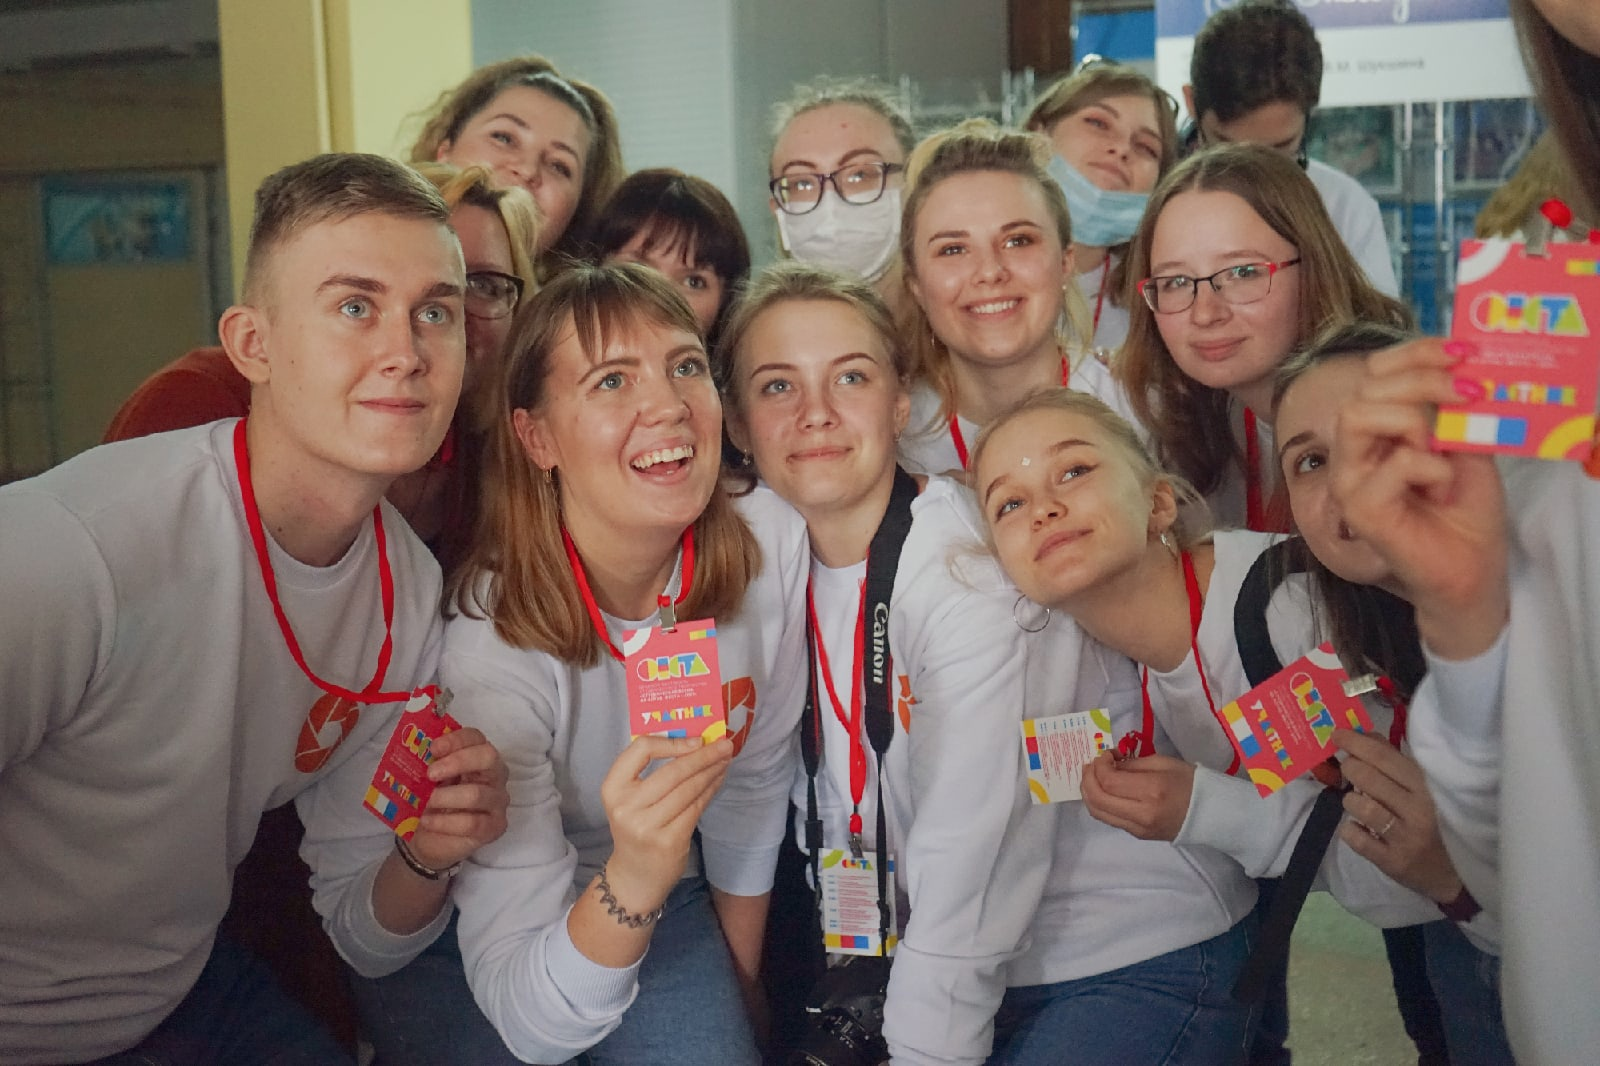 109 студентов представляют АлтГПУ на Фестивале студенческого творчества «Студенческая весна на Алтае. Феста – 2021»